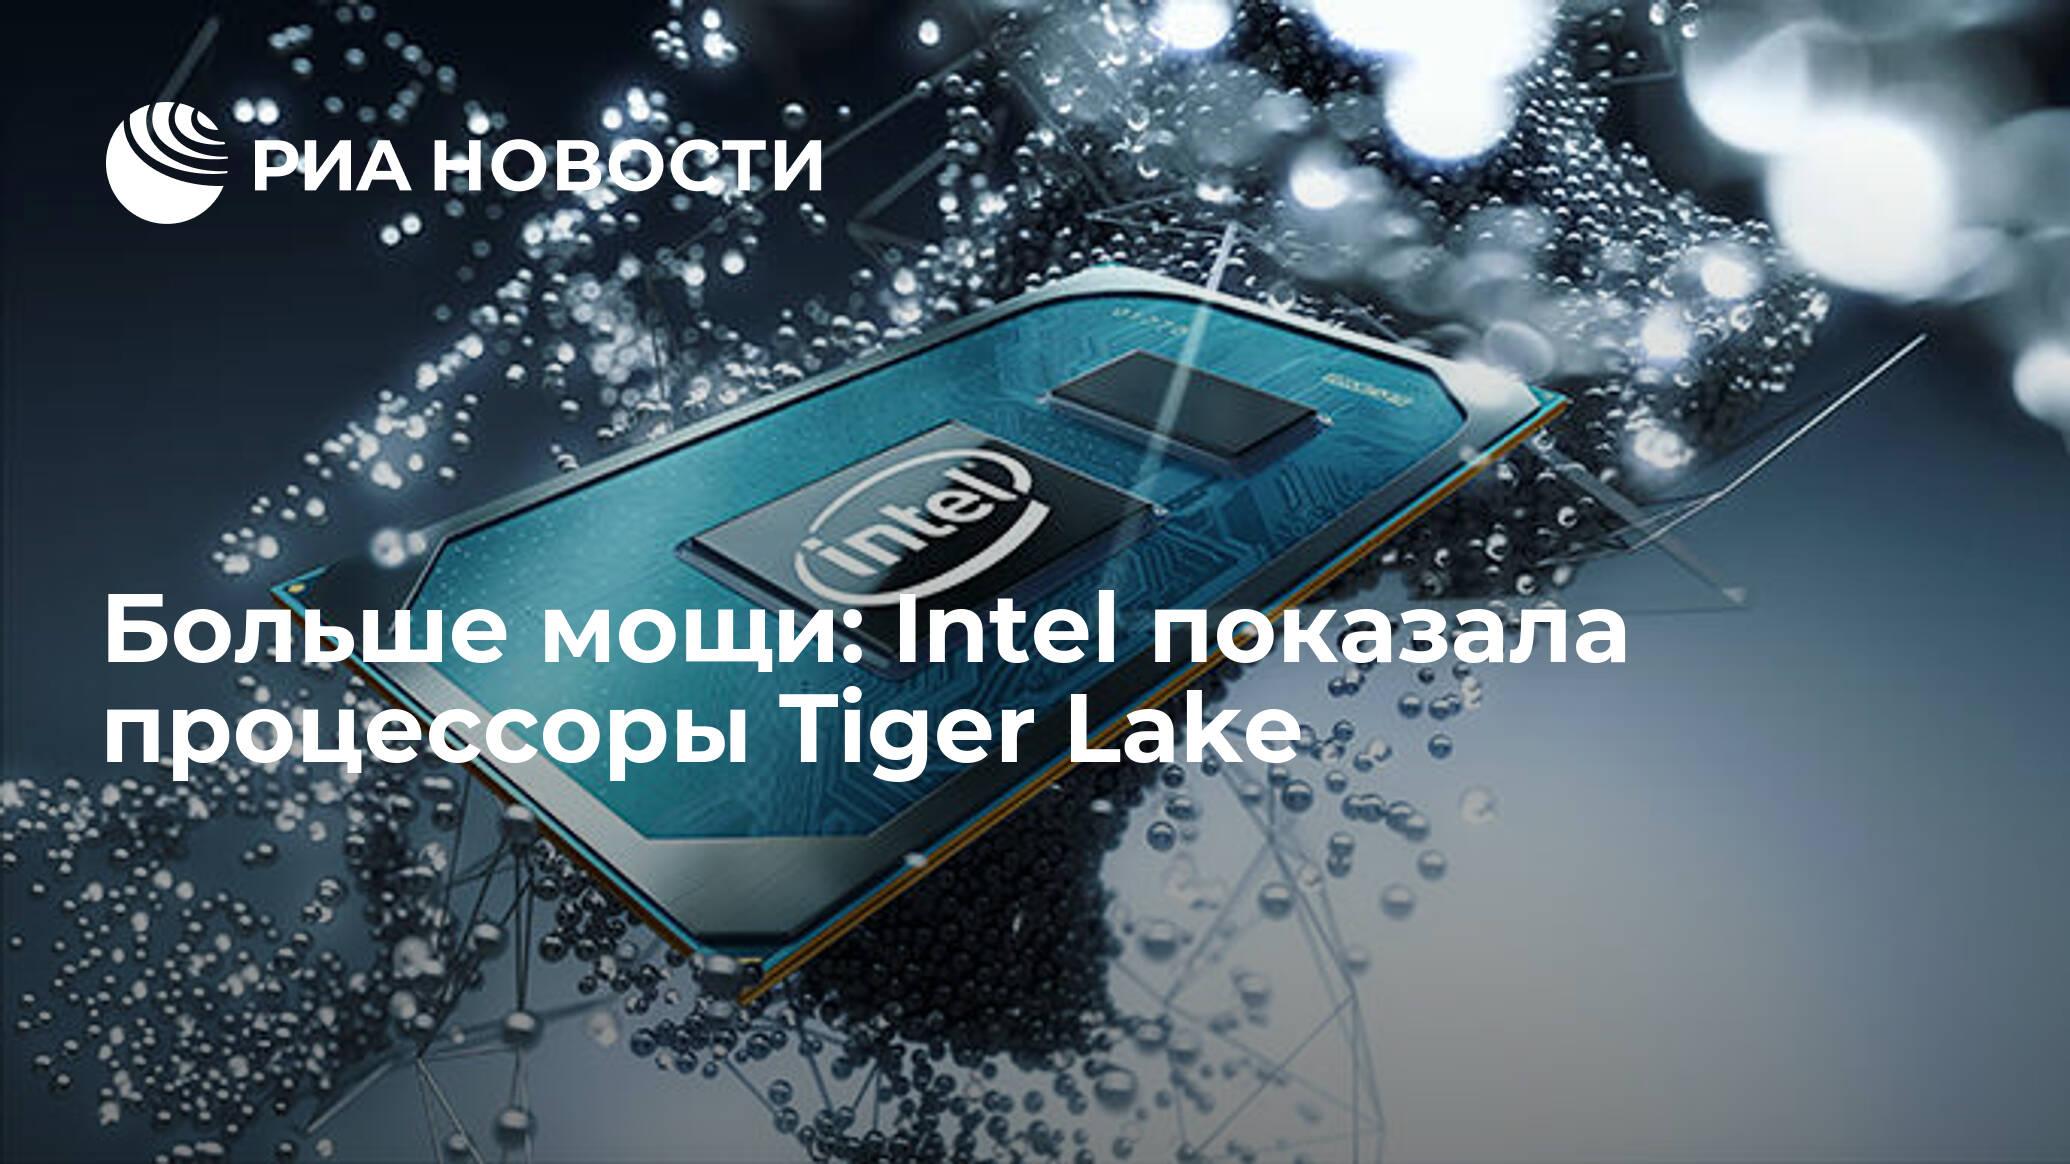 Больше мощи: Intel показала процессоры Tiger Lake - РИА НОВОСТИ